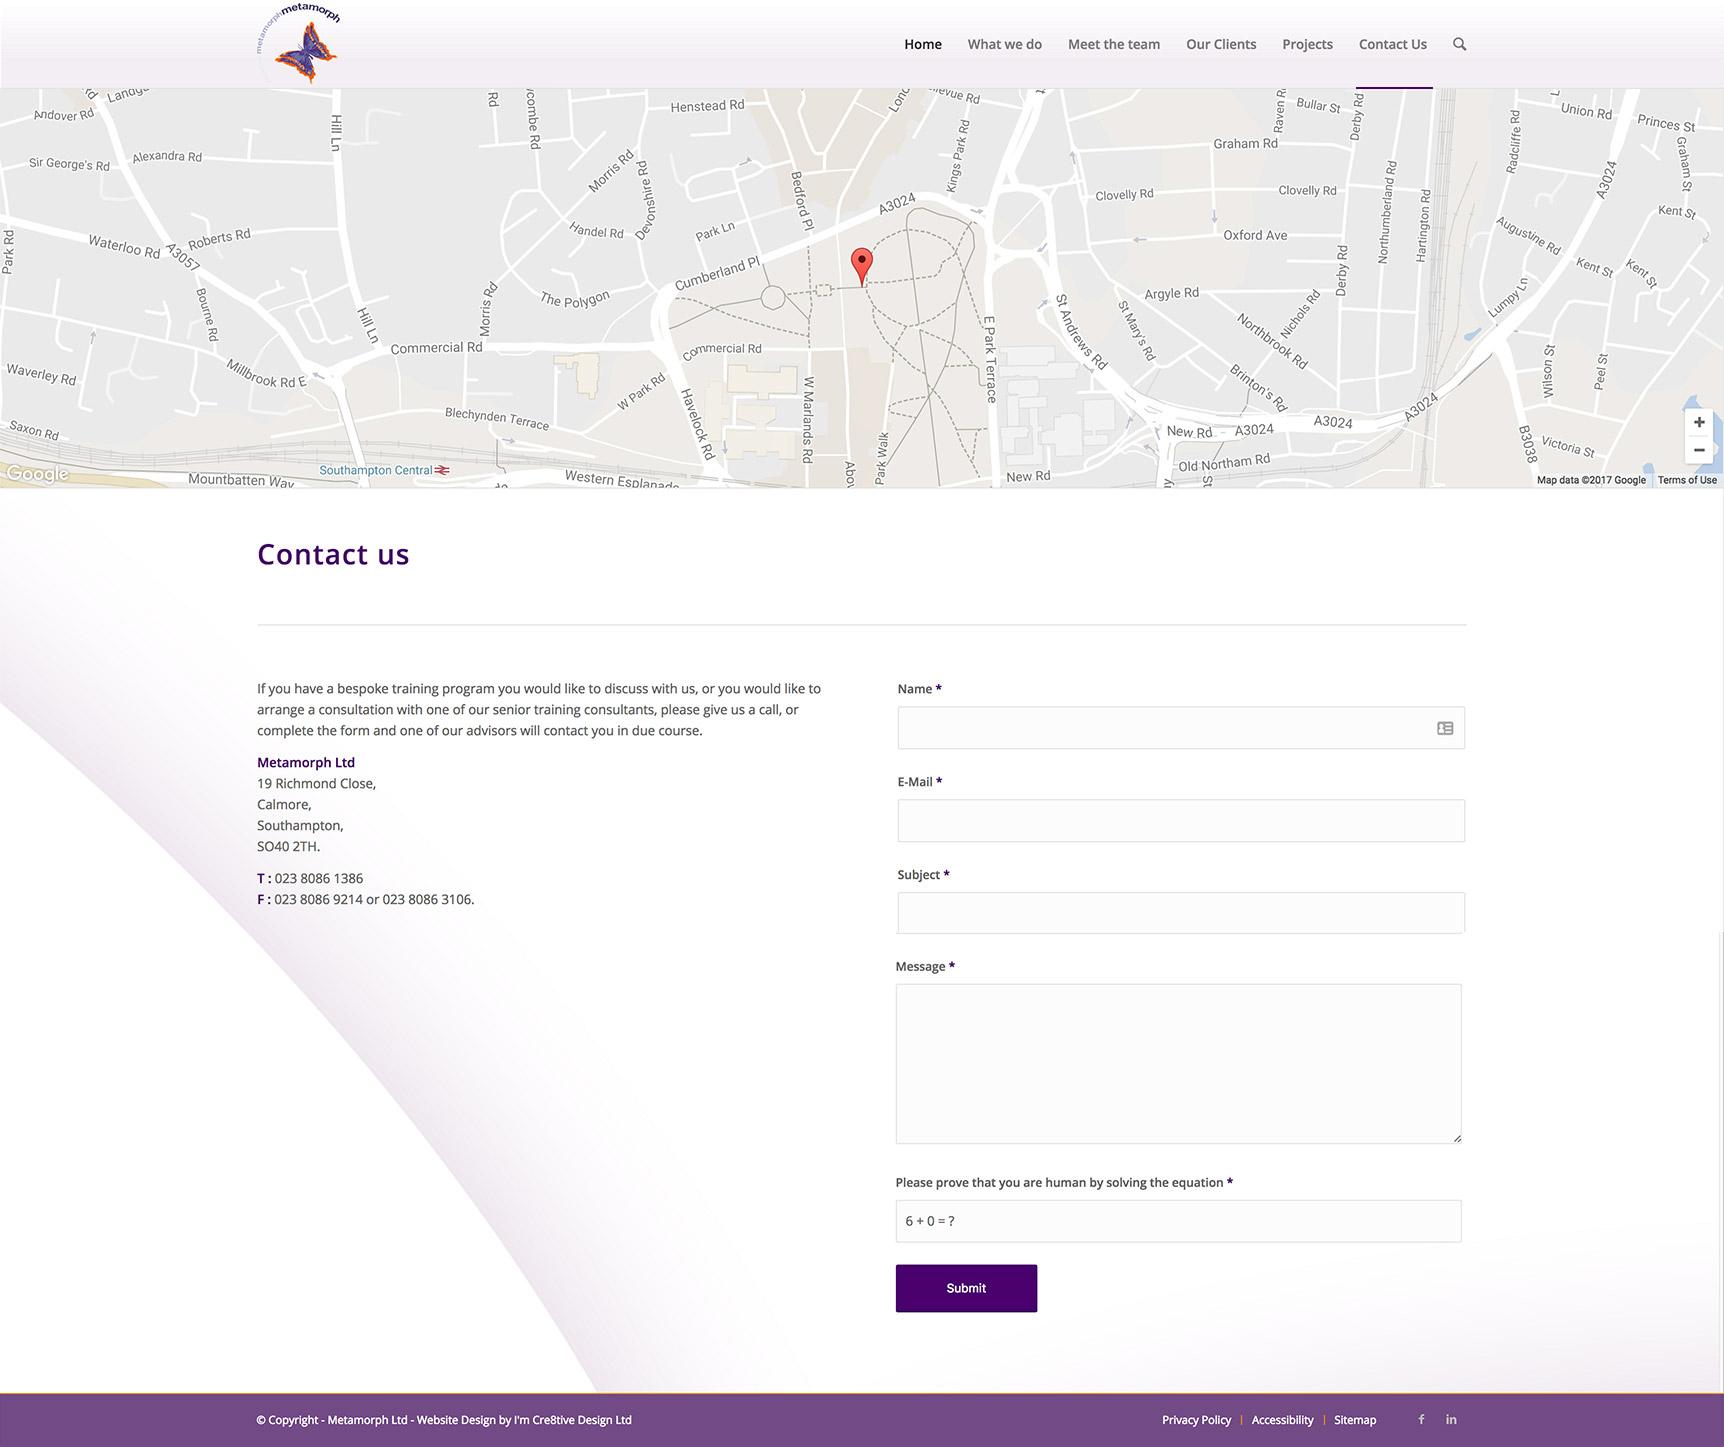 Metamorph Website - Contact Page Design